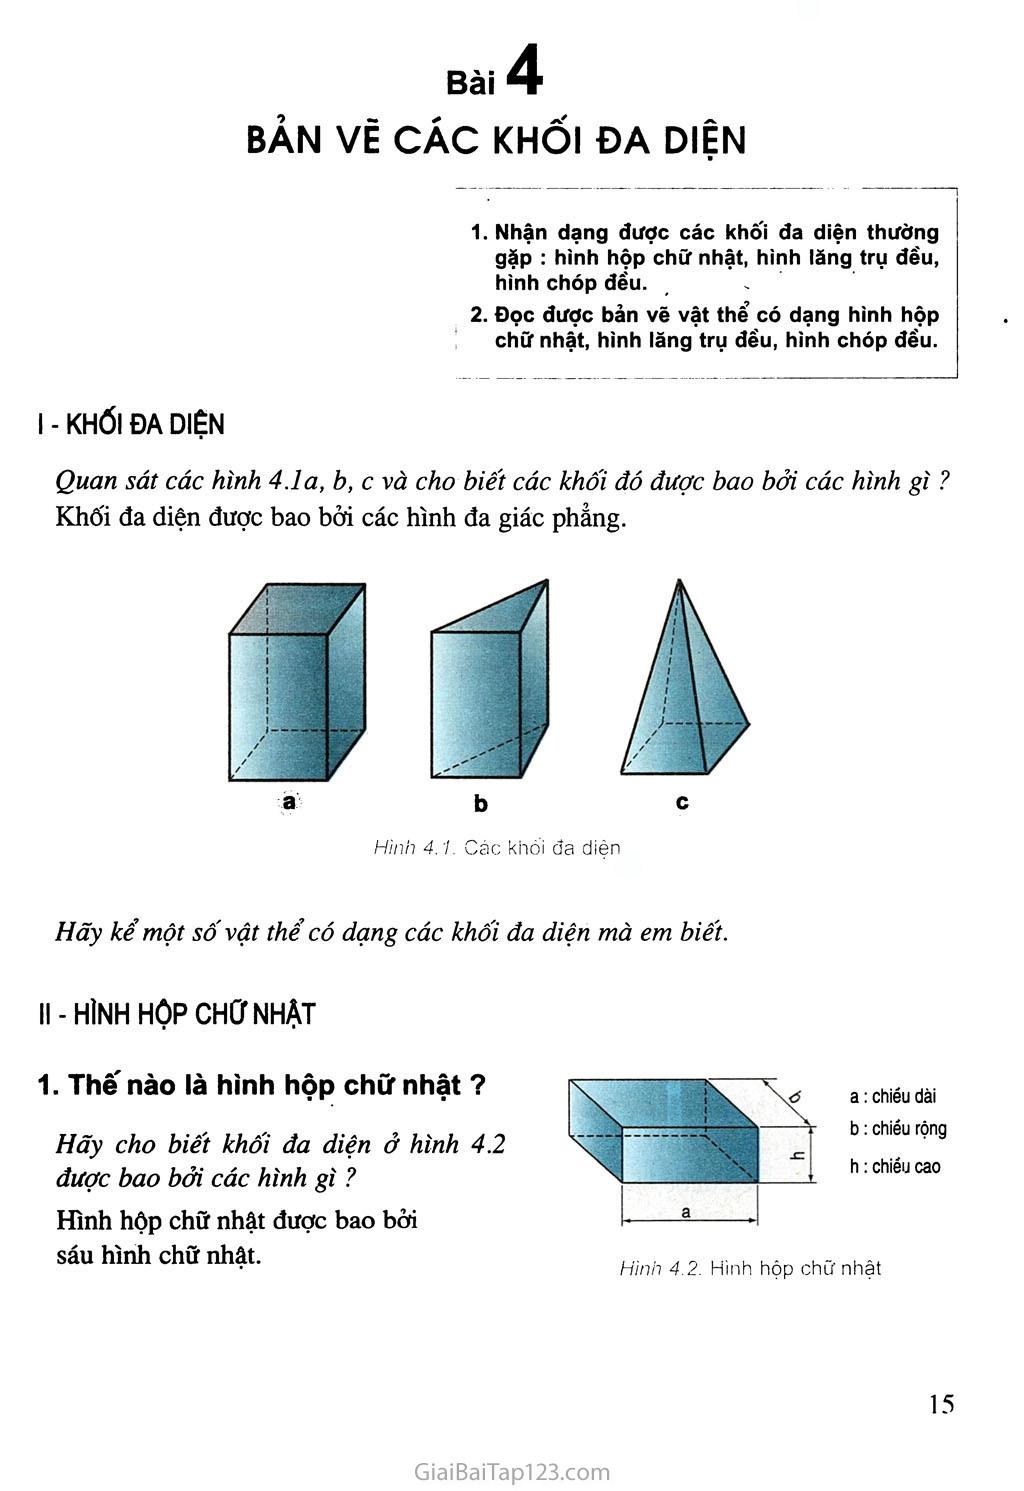 Bài 4. Bản vẽ các khối đa diện trang 1